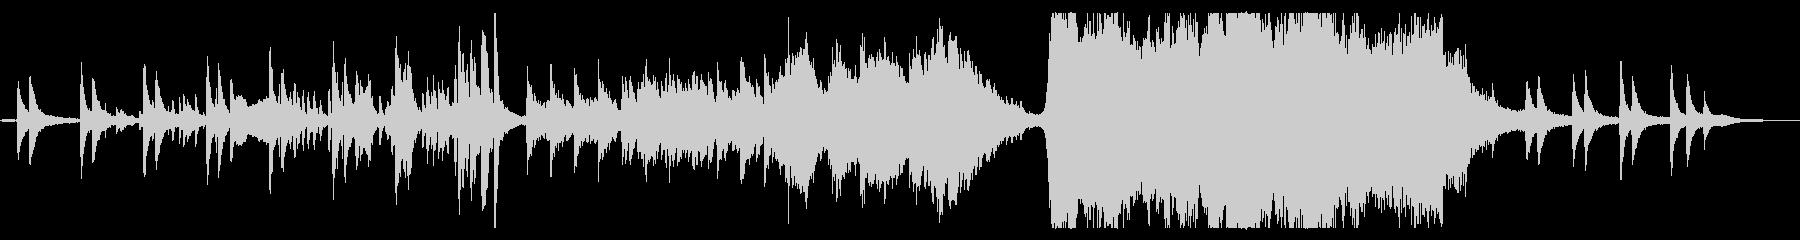 幻想的で壮大なピアノ協奏曲の未再生の波形